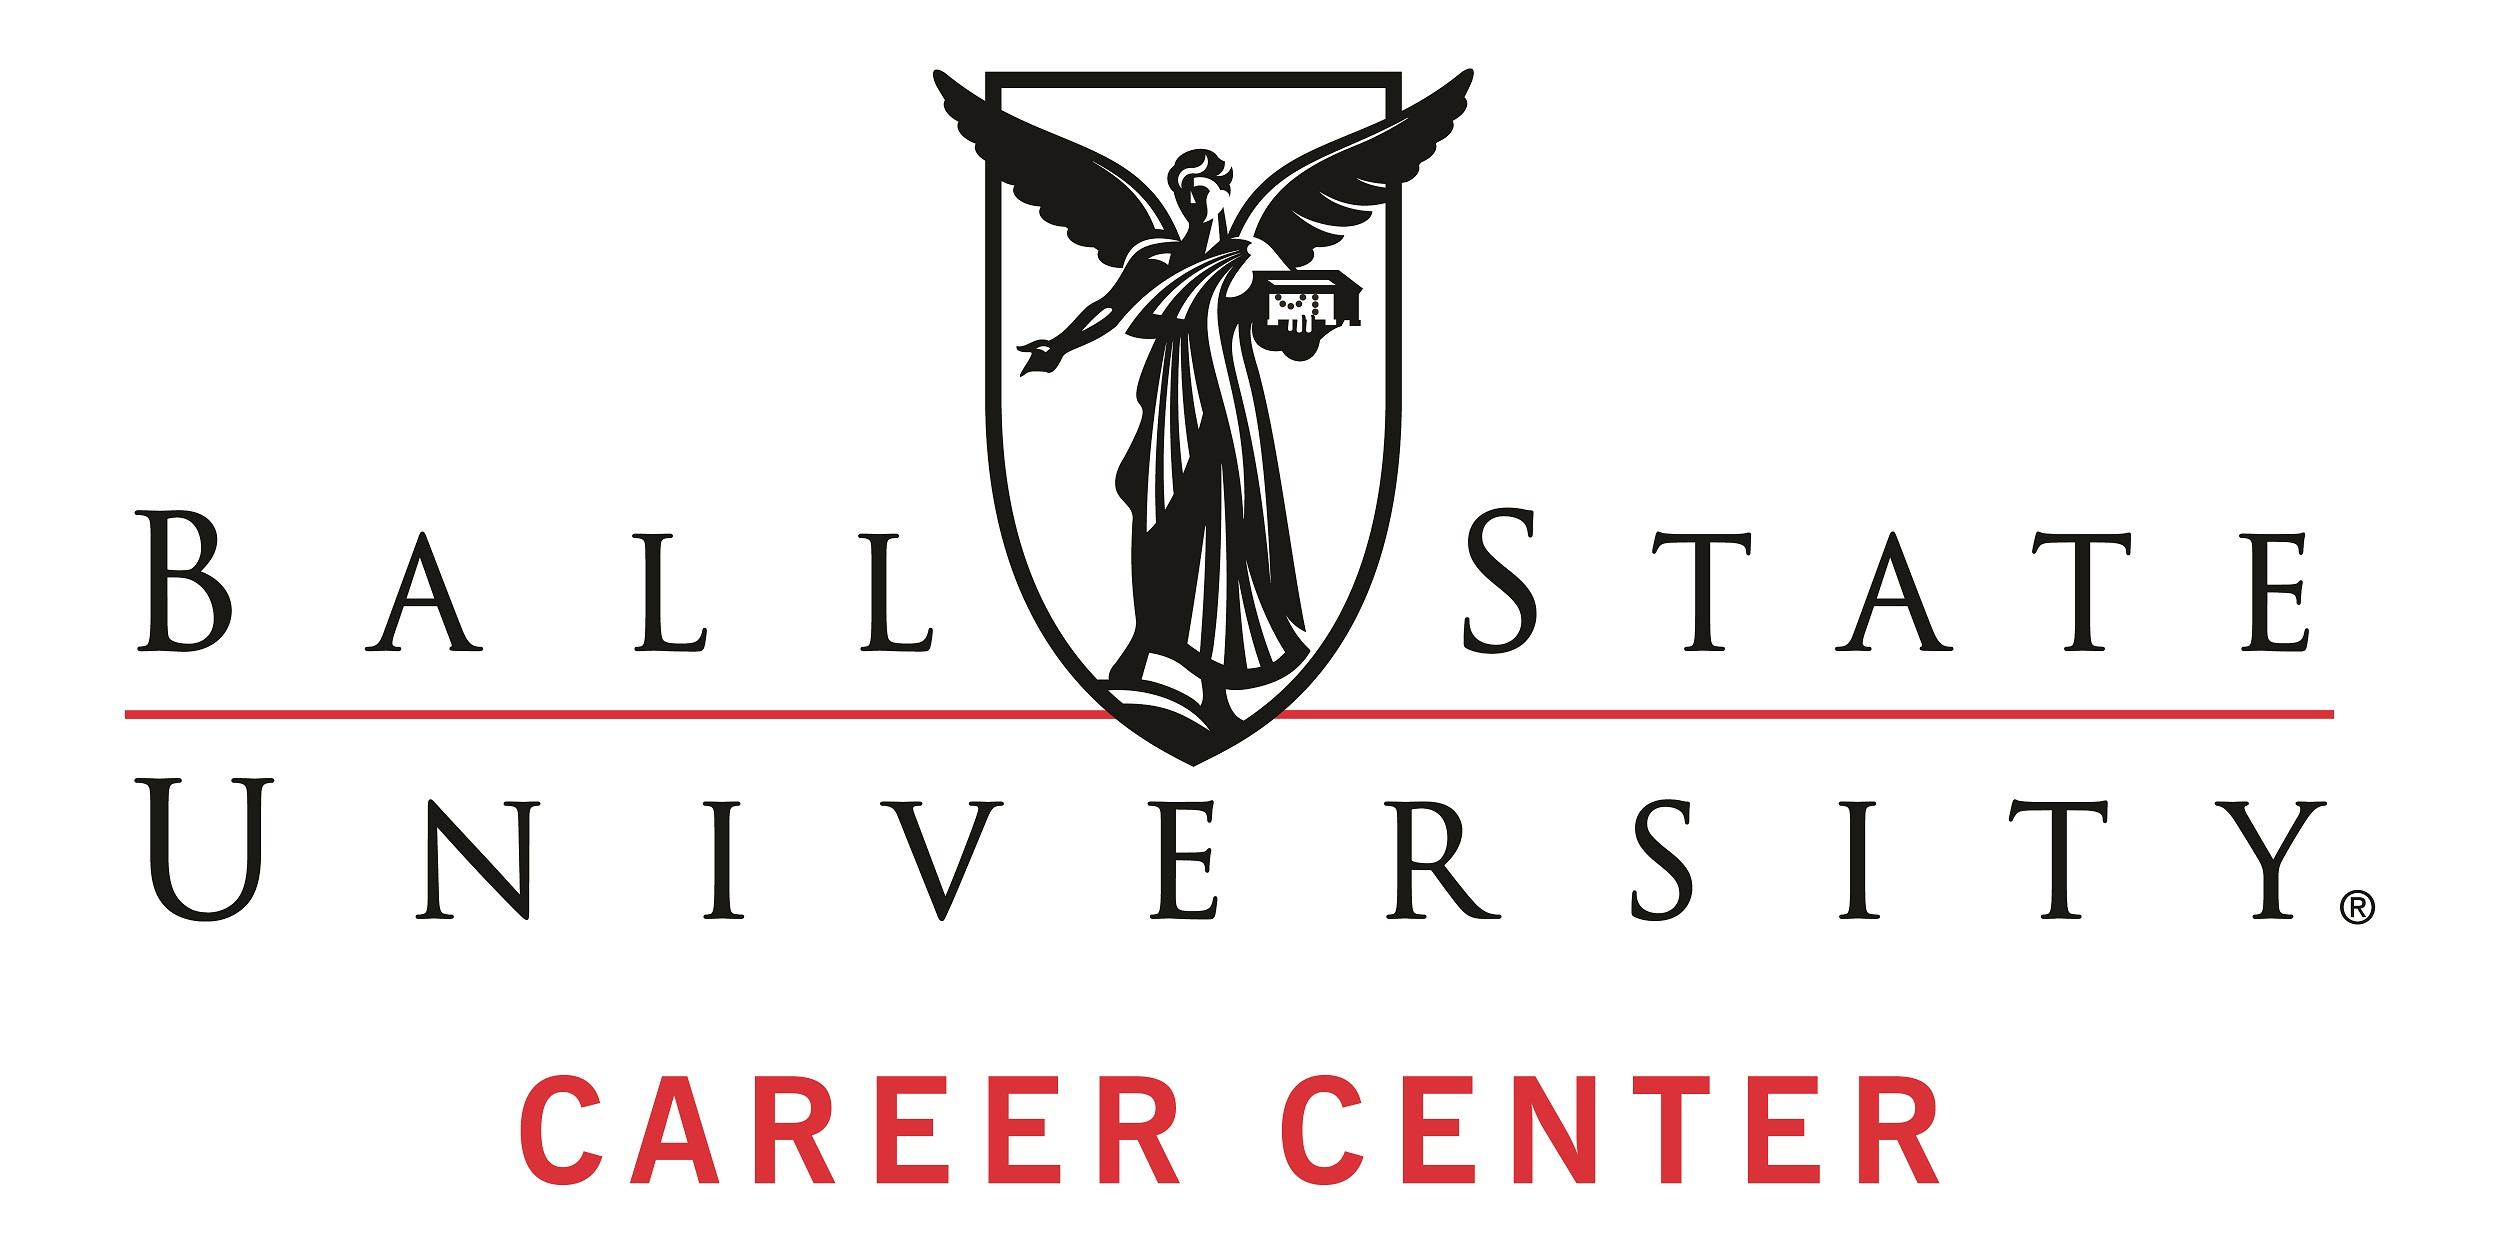 Ballstate careercenter 4colo